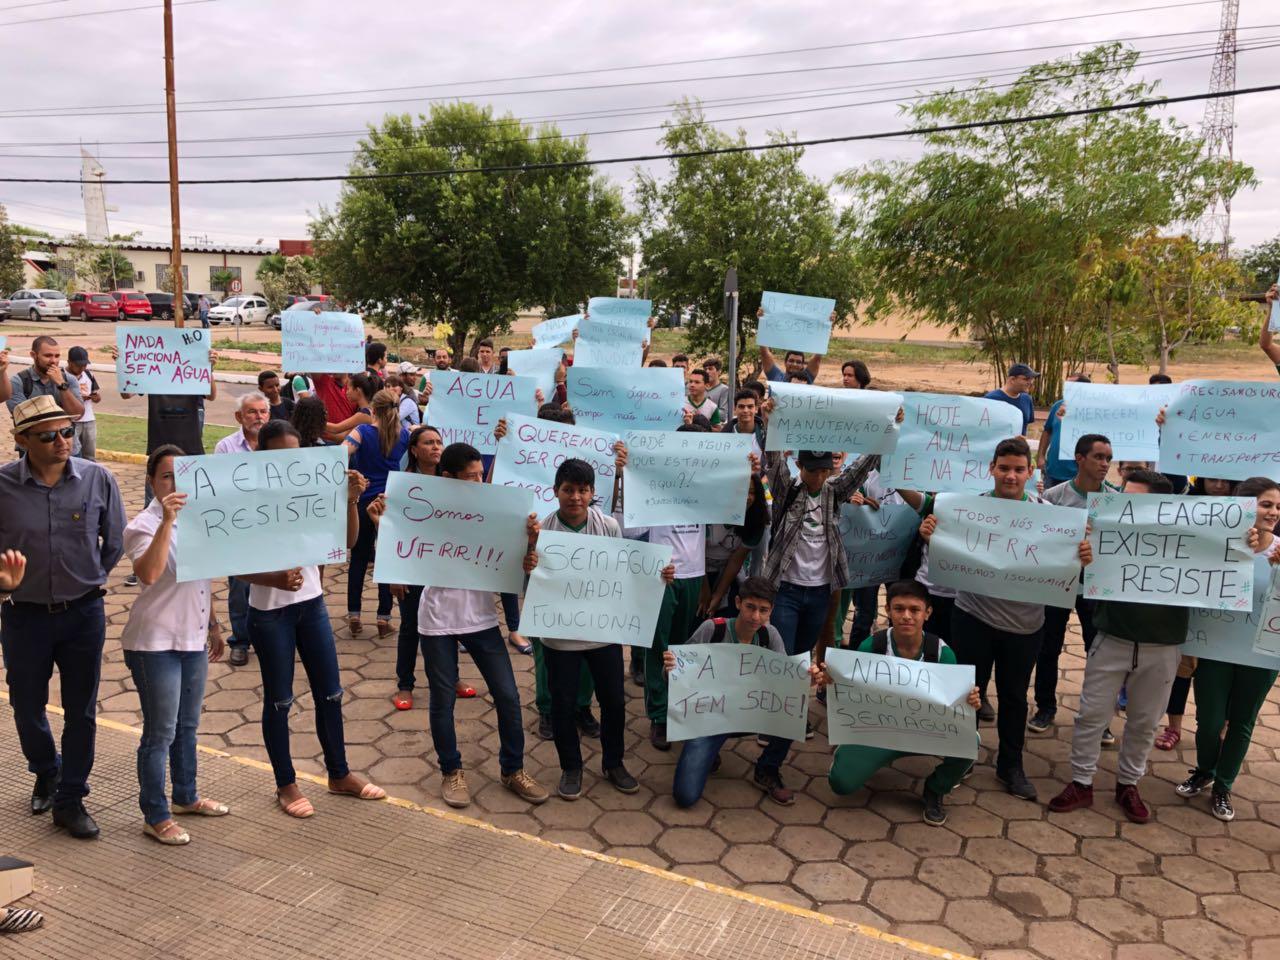 Docentes, técnicos e alunos da Escola Agrotécnica da UFRR reivindicam problemas na infraestrutura de prédio